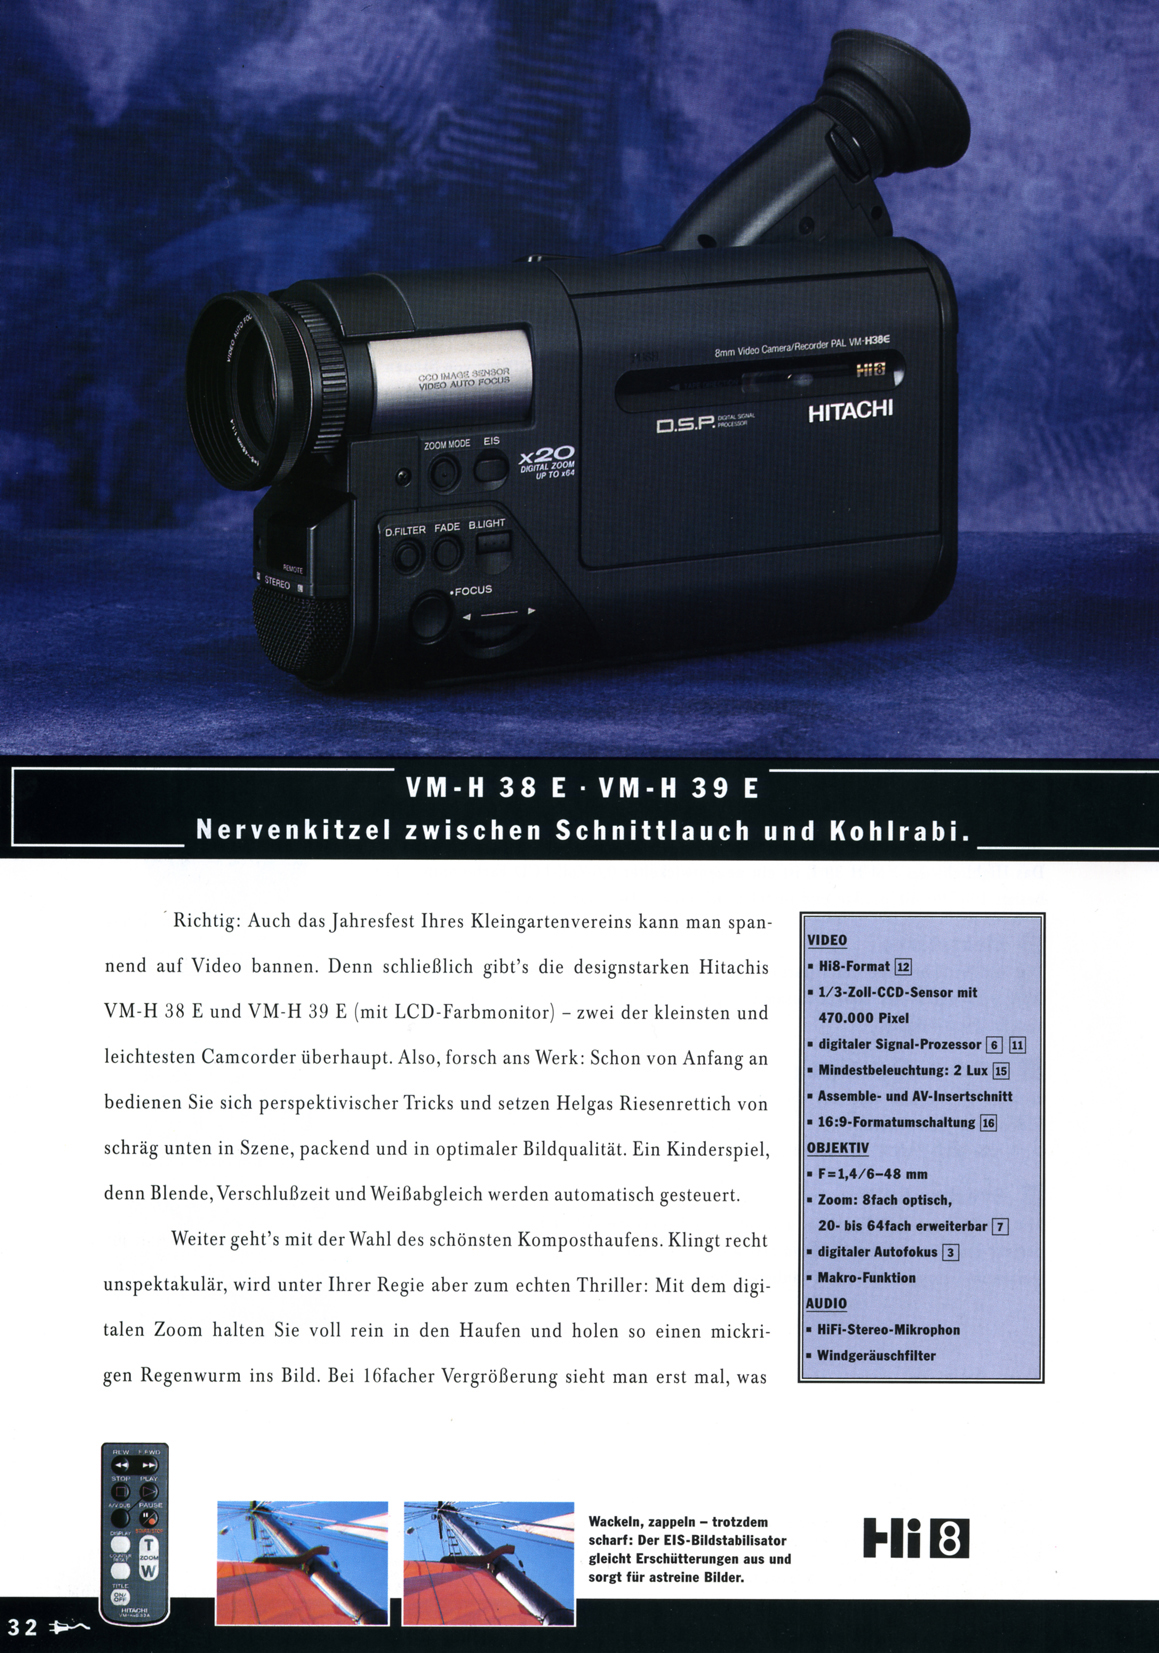 Hitachi_Katalog1994_Seite32_Nervenkitzel